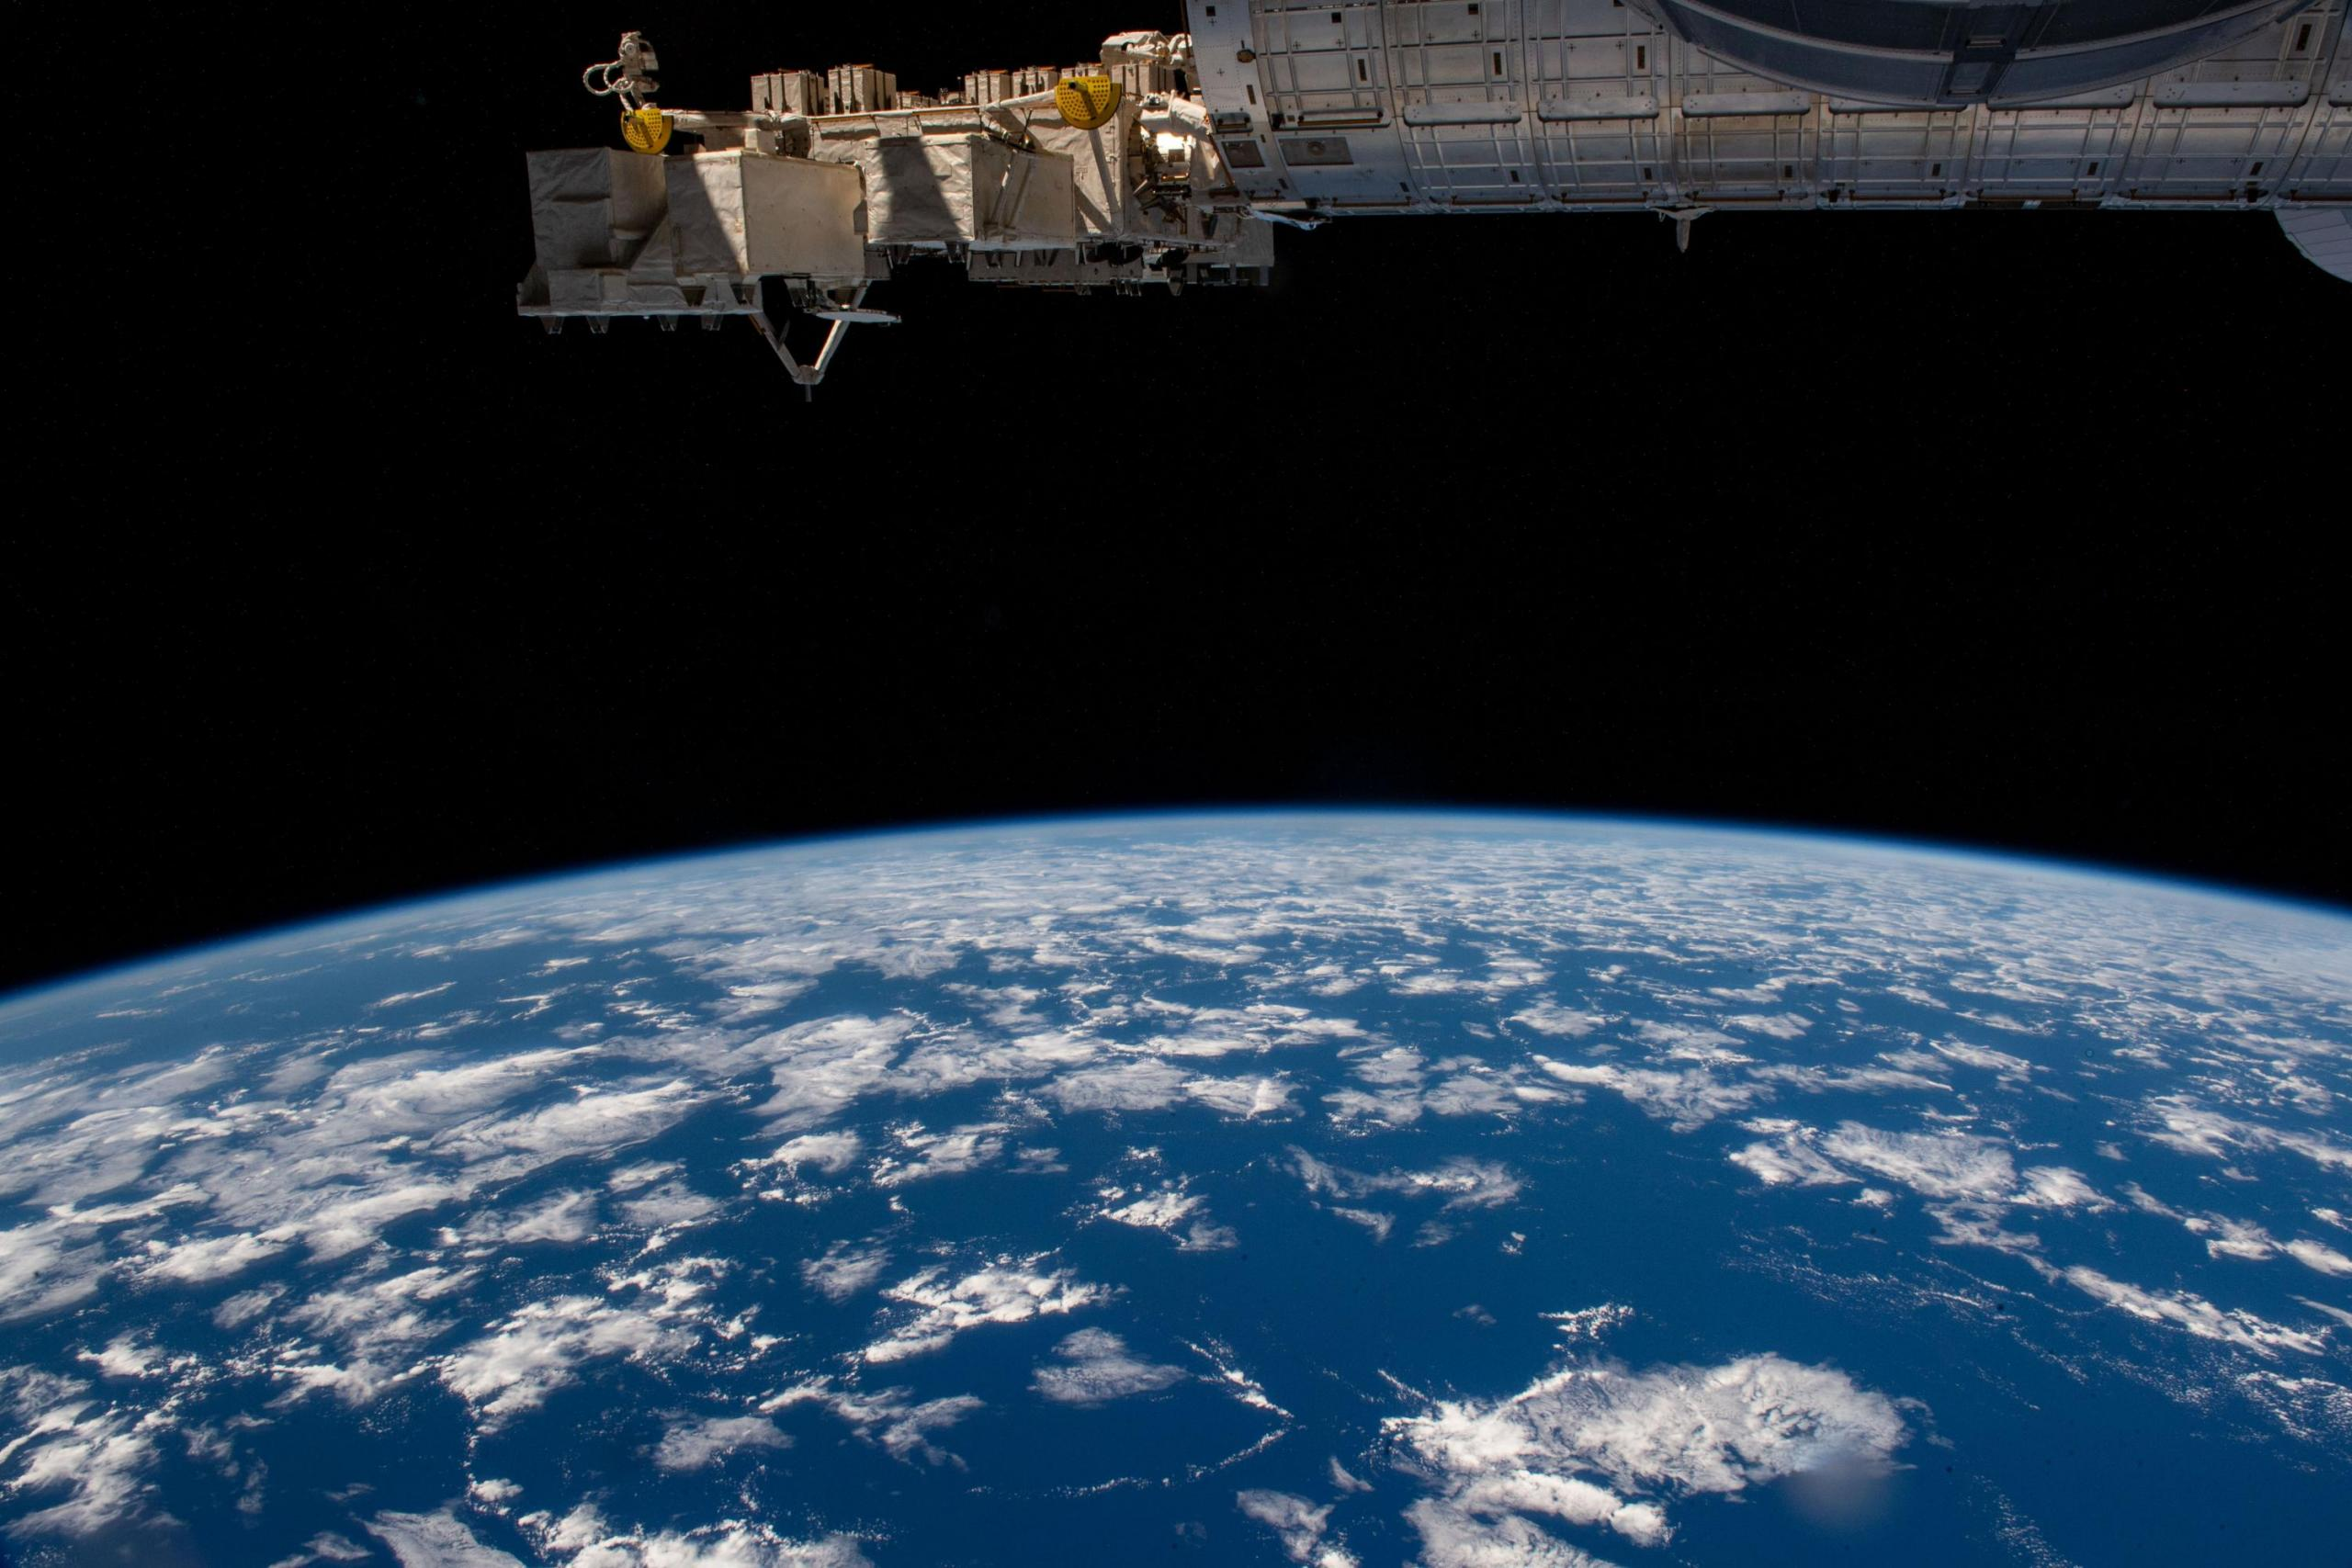 imagen de la Tierra tomada desde la estación espacial